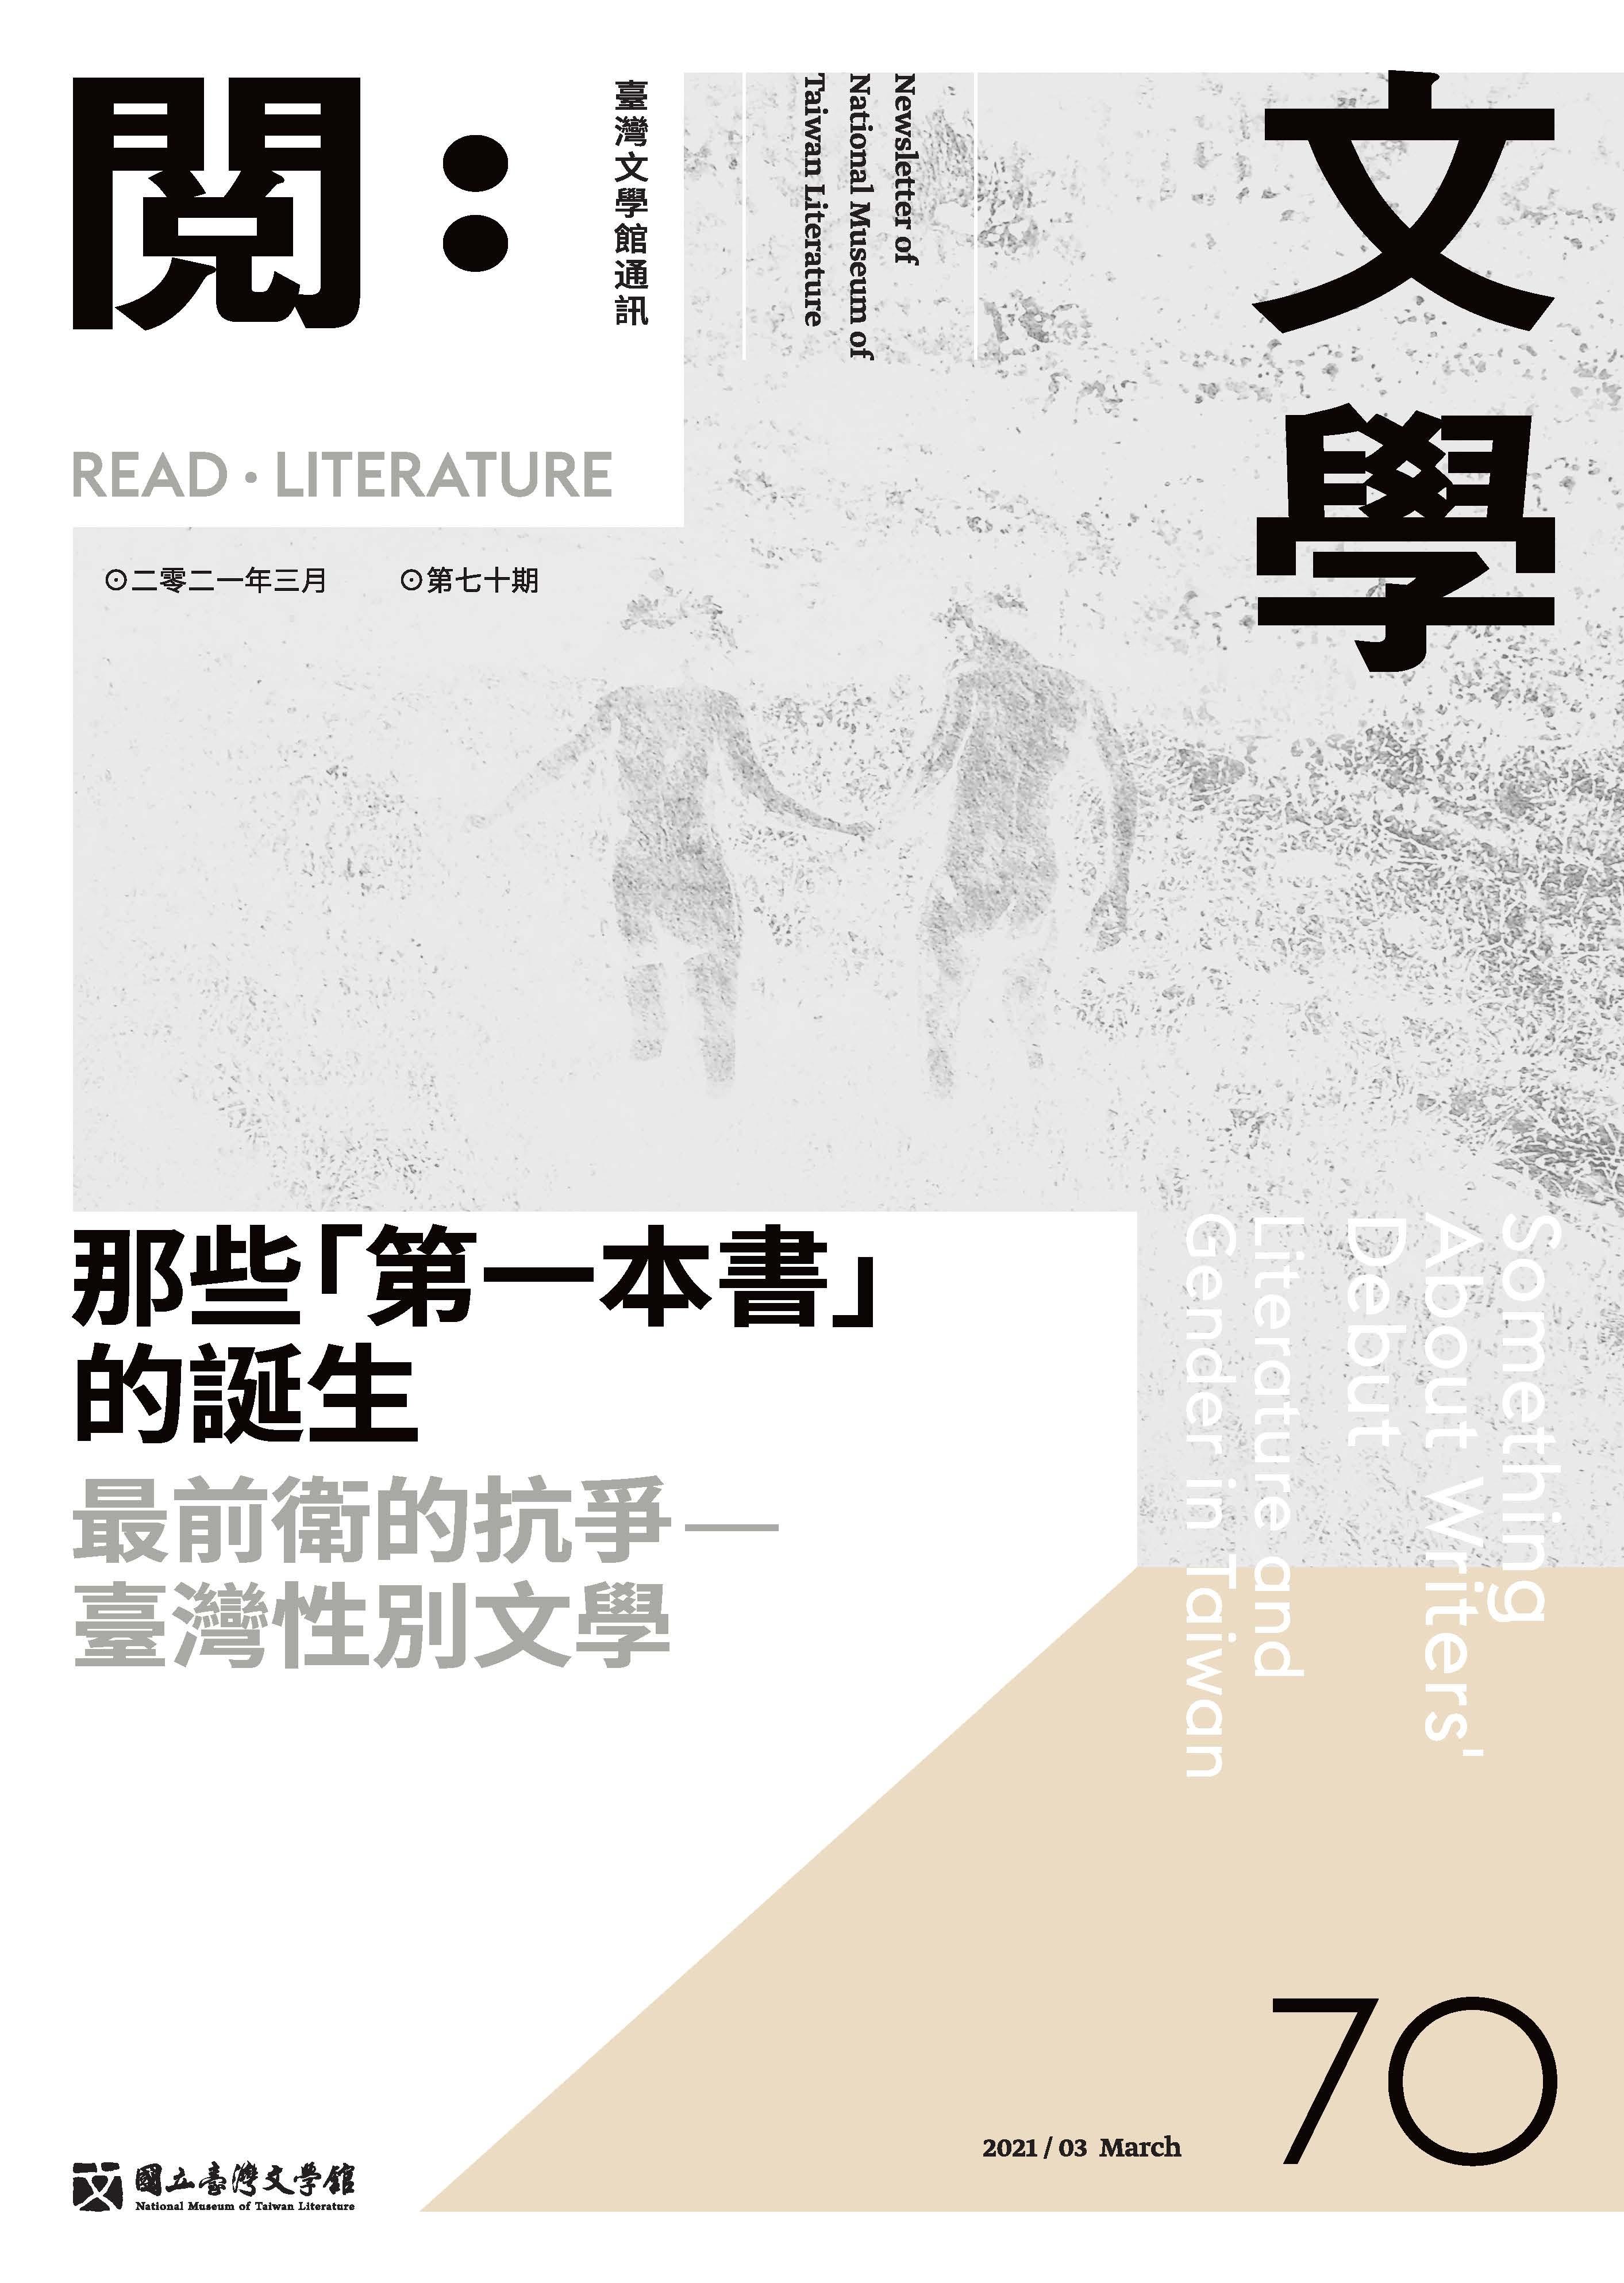 閱文學70期封面.jpg